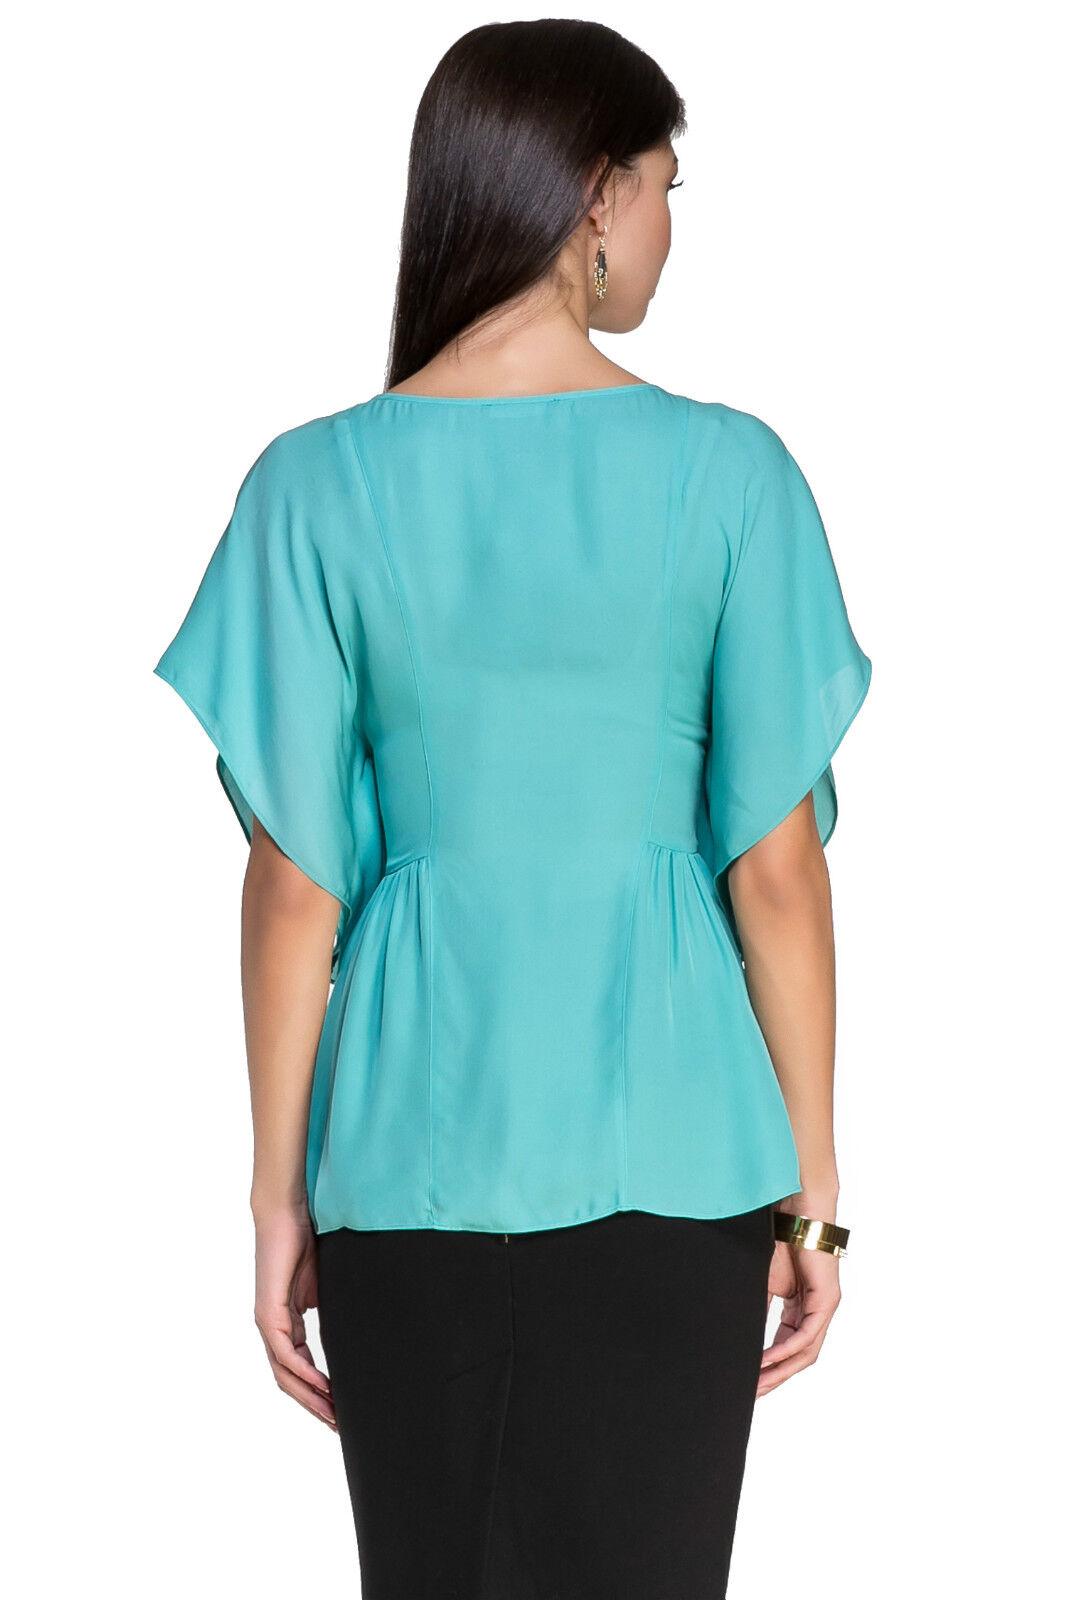 T-shirt donna LIU JO in seta  manica manica manica a pipistrello in  SALDO 32a304